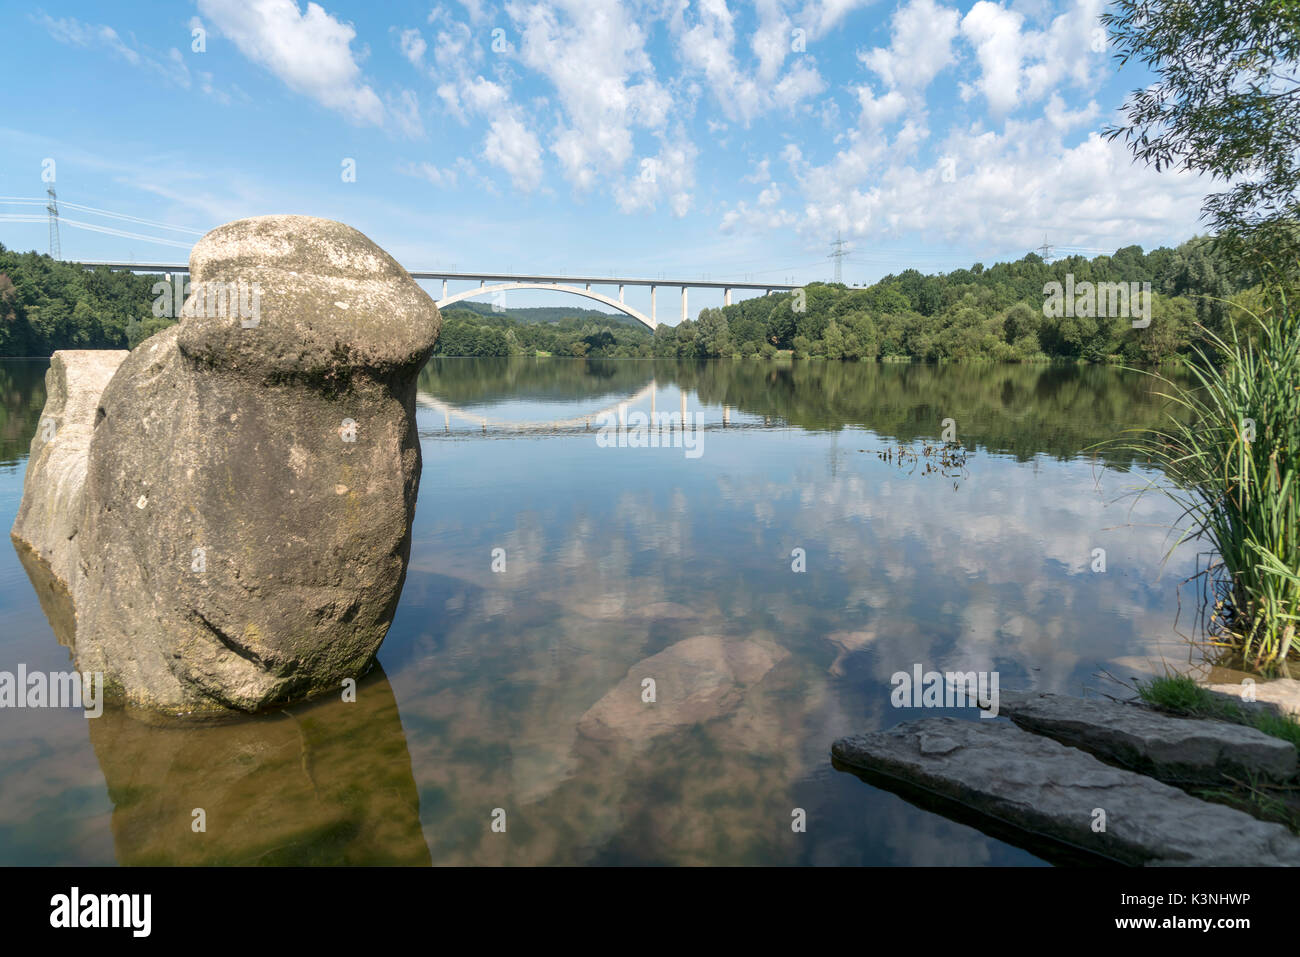 Stausee Und Talbrücke Froschgrundsee Froschgrundsee Bei Rödental